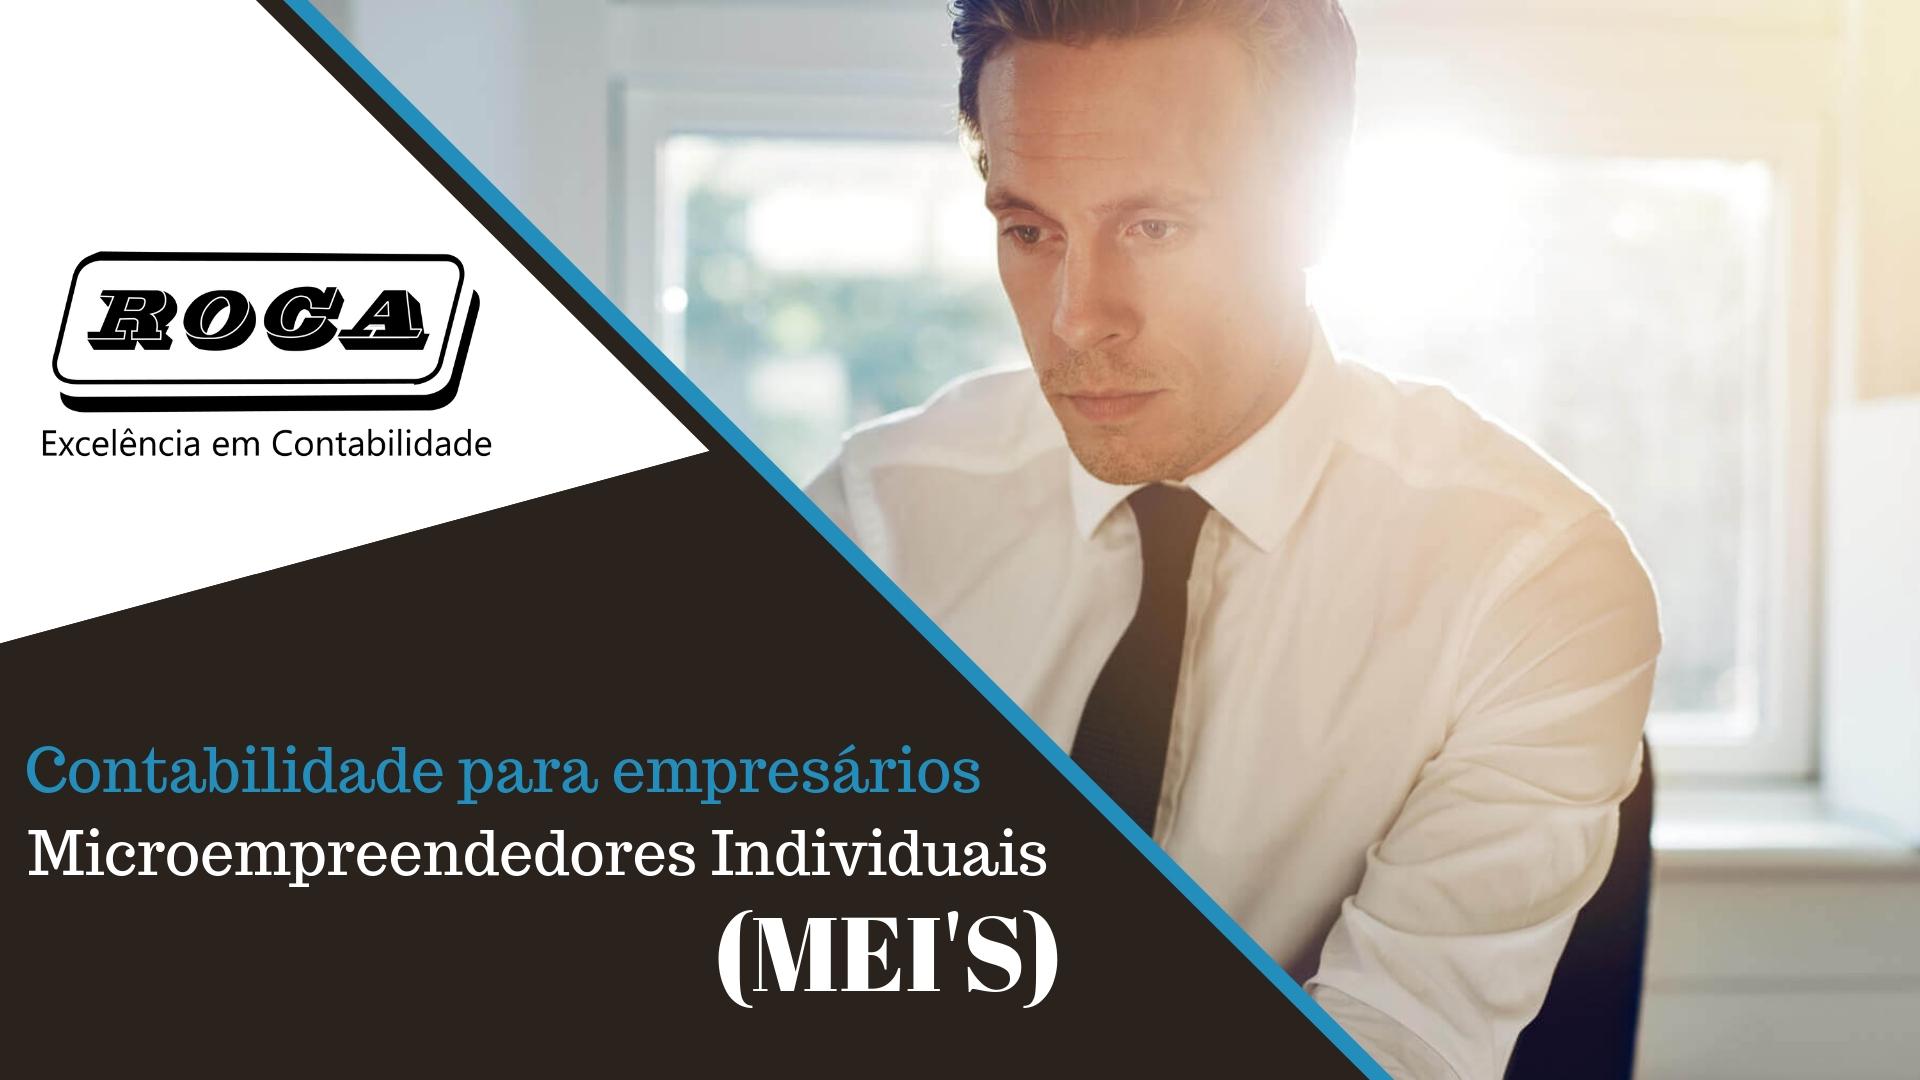 Contabilidade Para Empresários Microempreendedores Individuais (MEI'S)